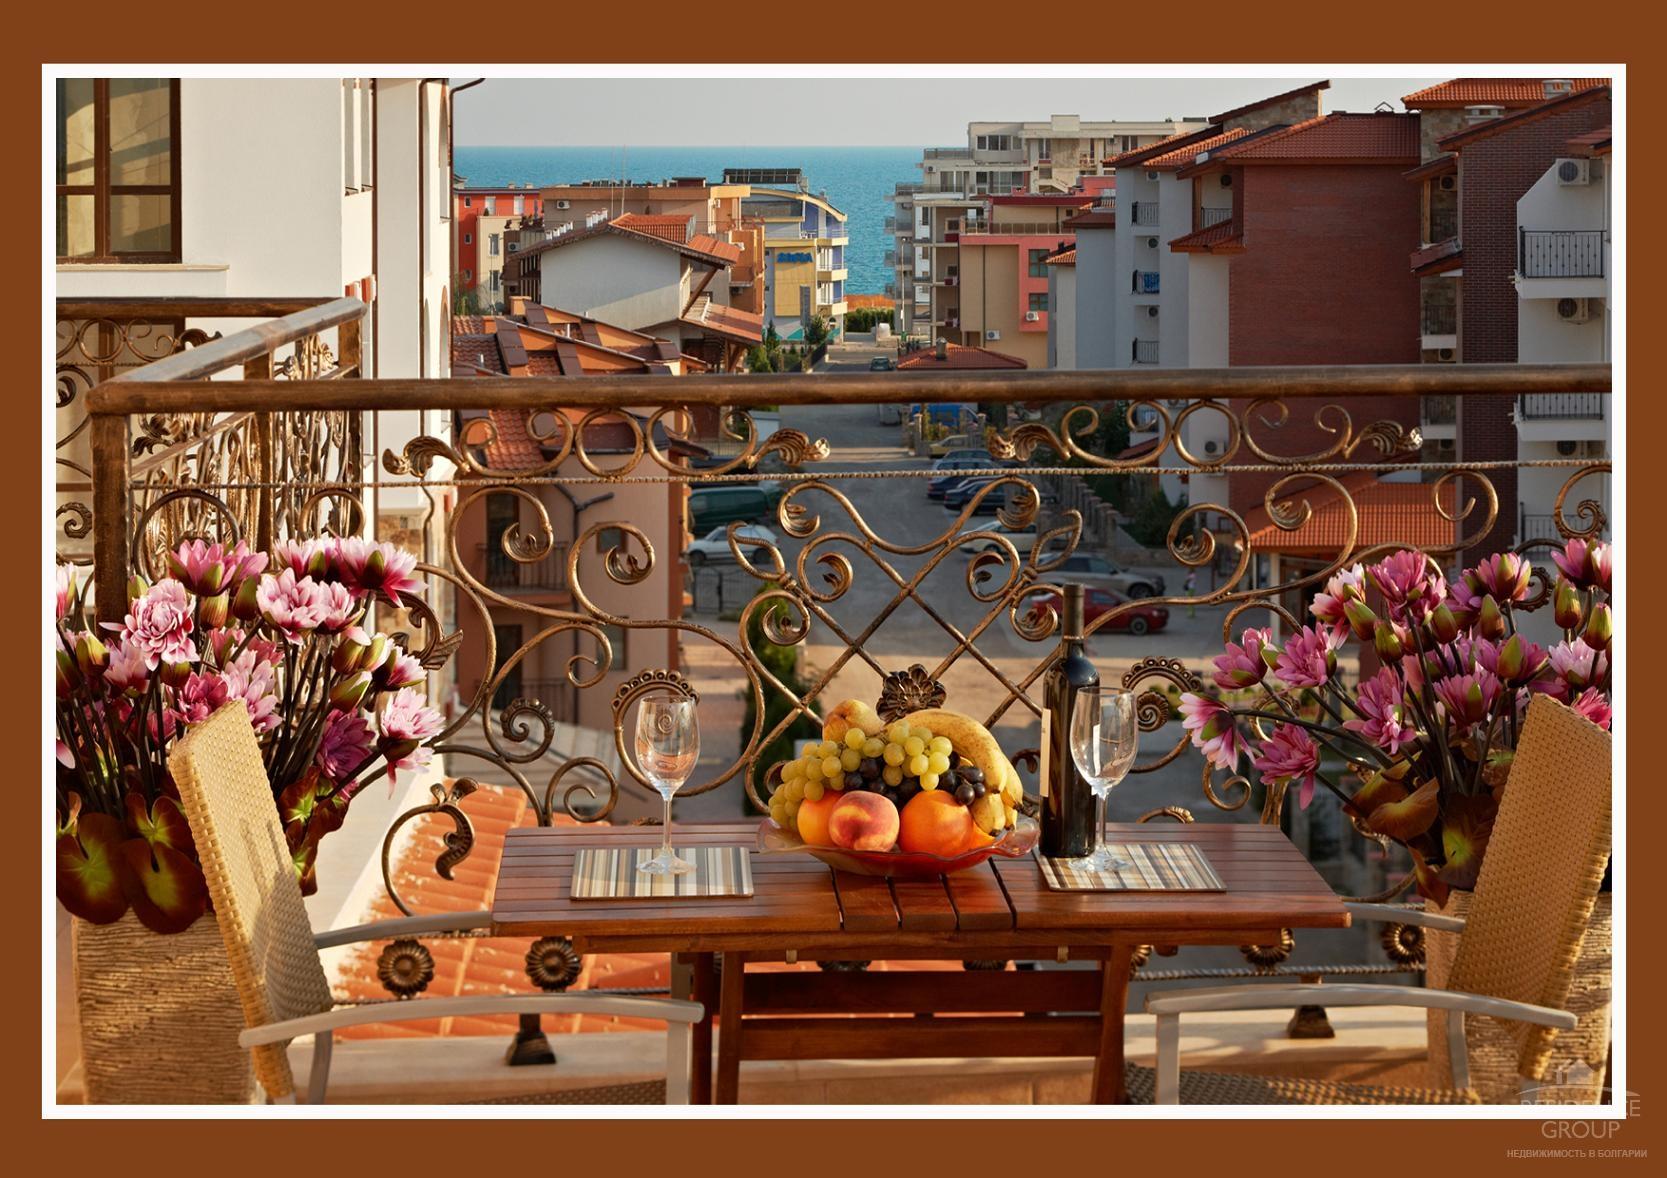 Цены на болгарию апартаменты лето 2015 аренда